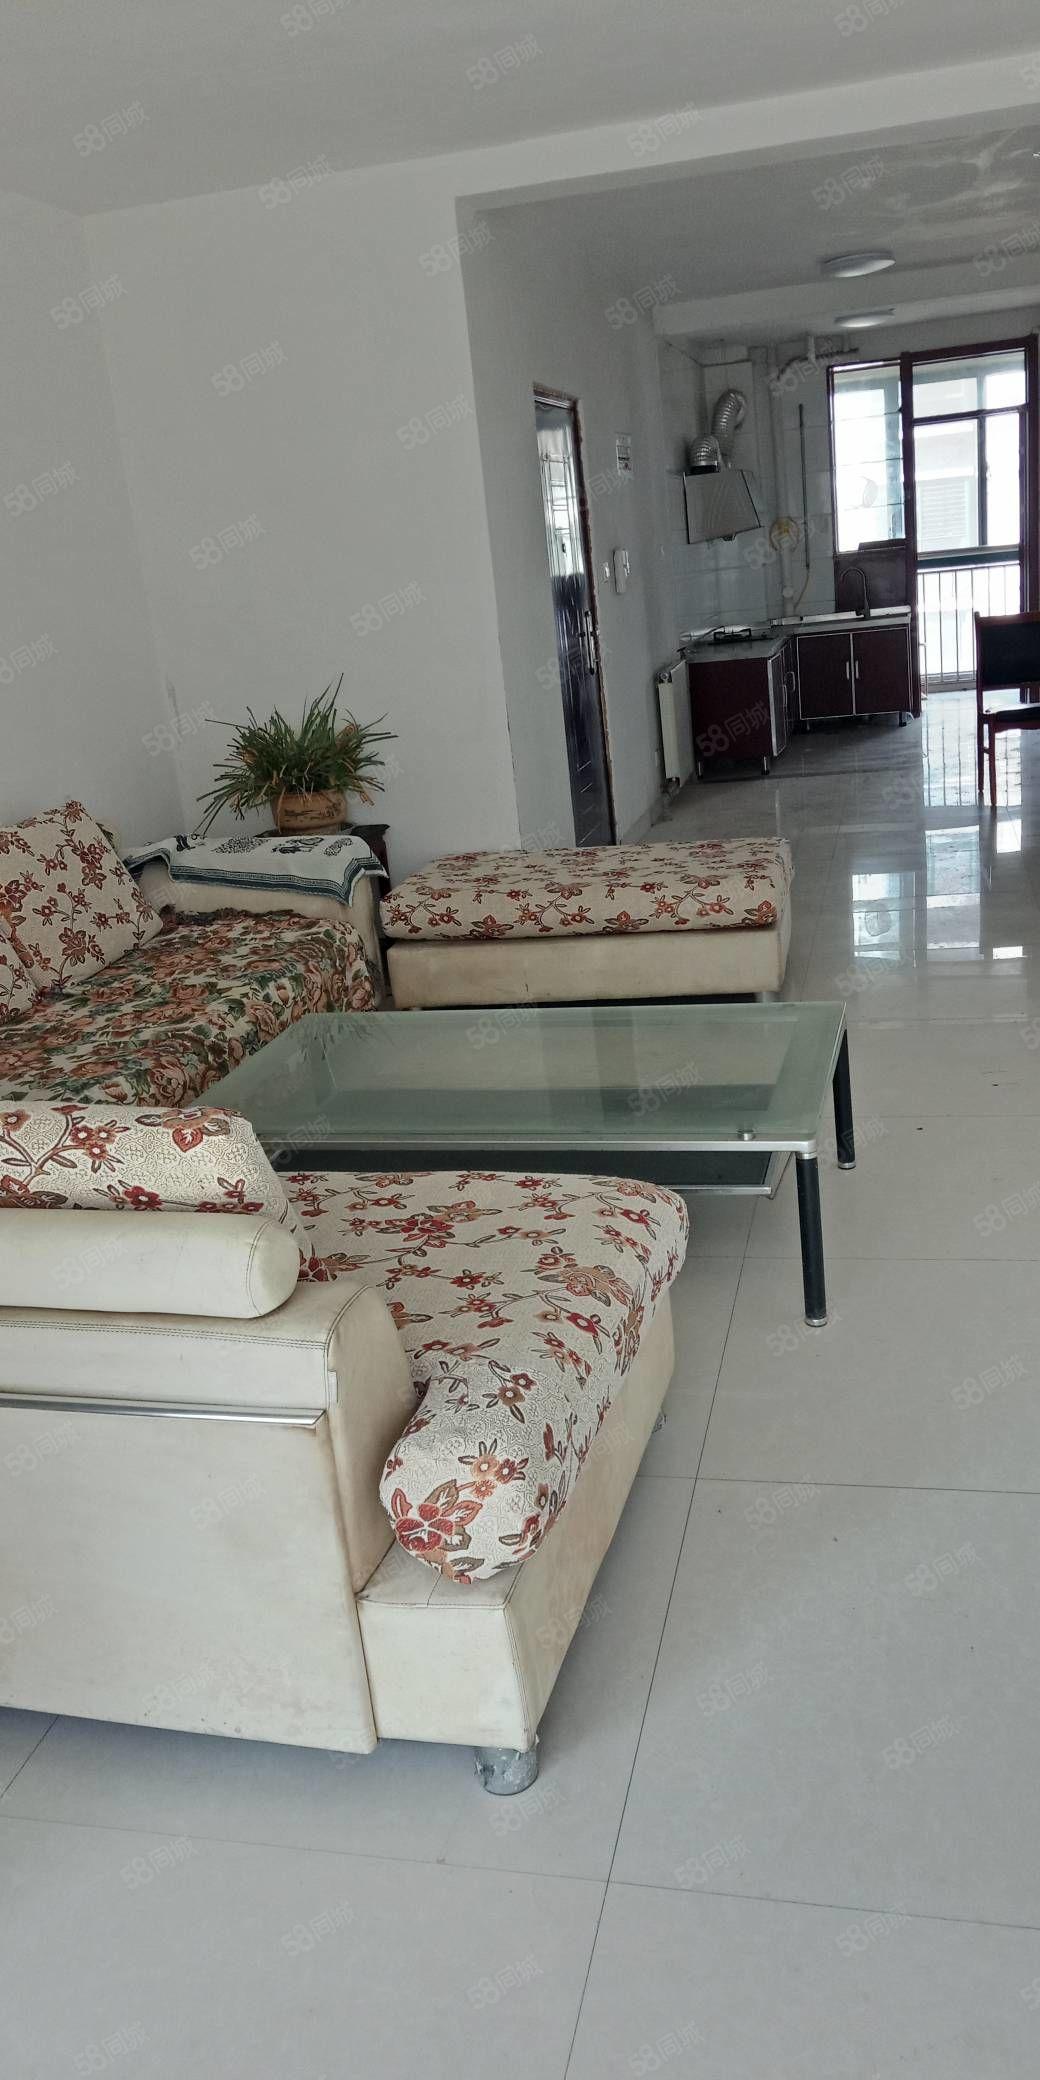 出租嘉和新城两室精装新一中附近大安书香世家嘉和北